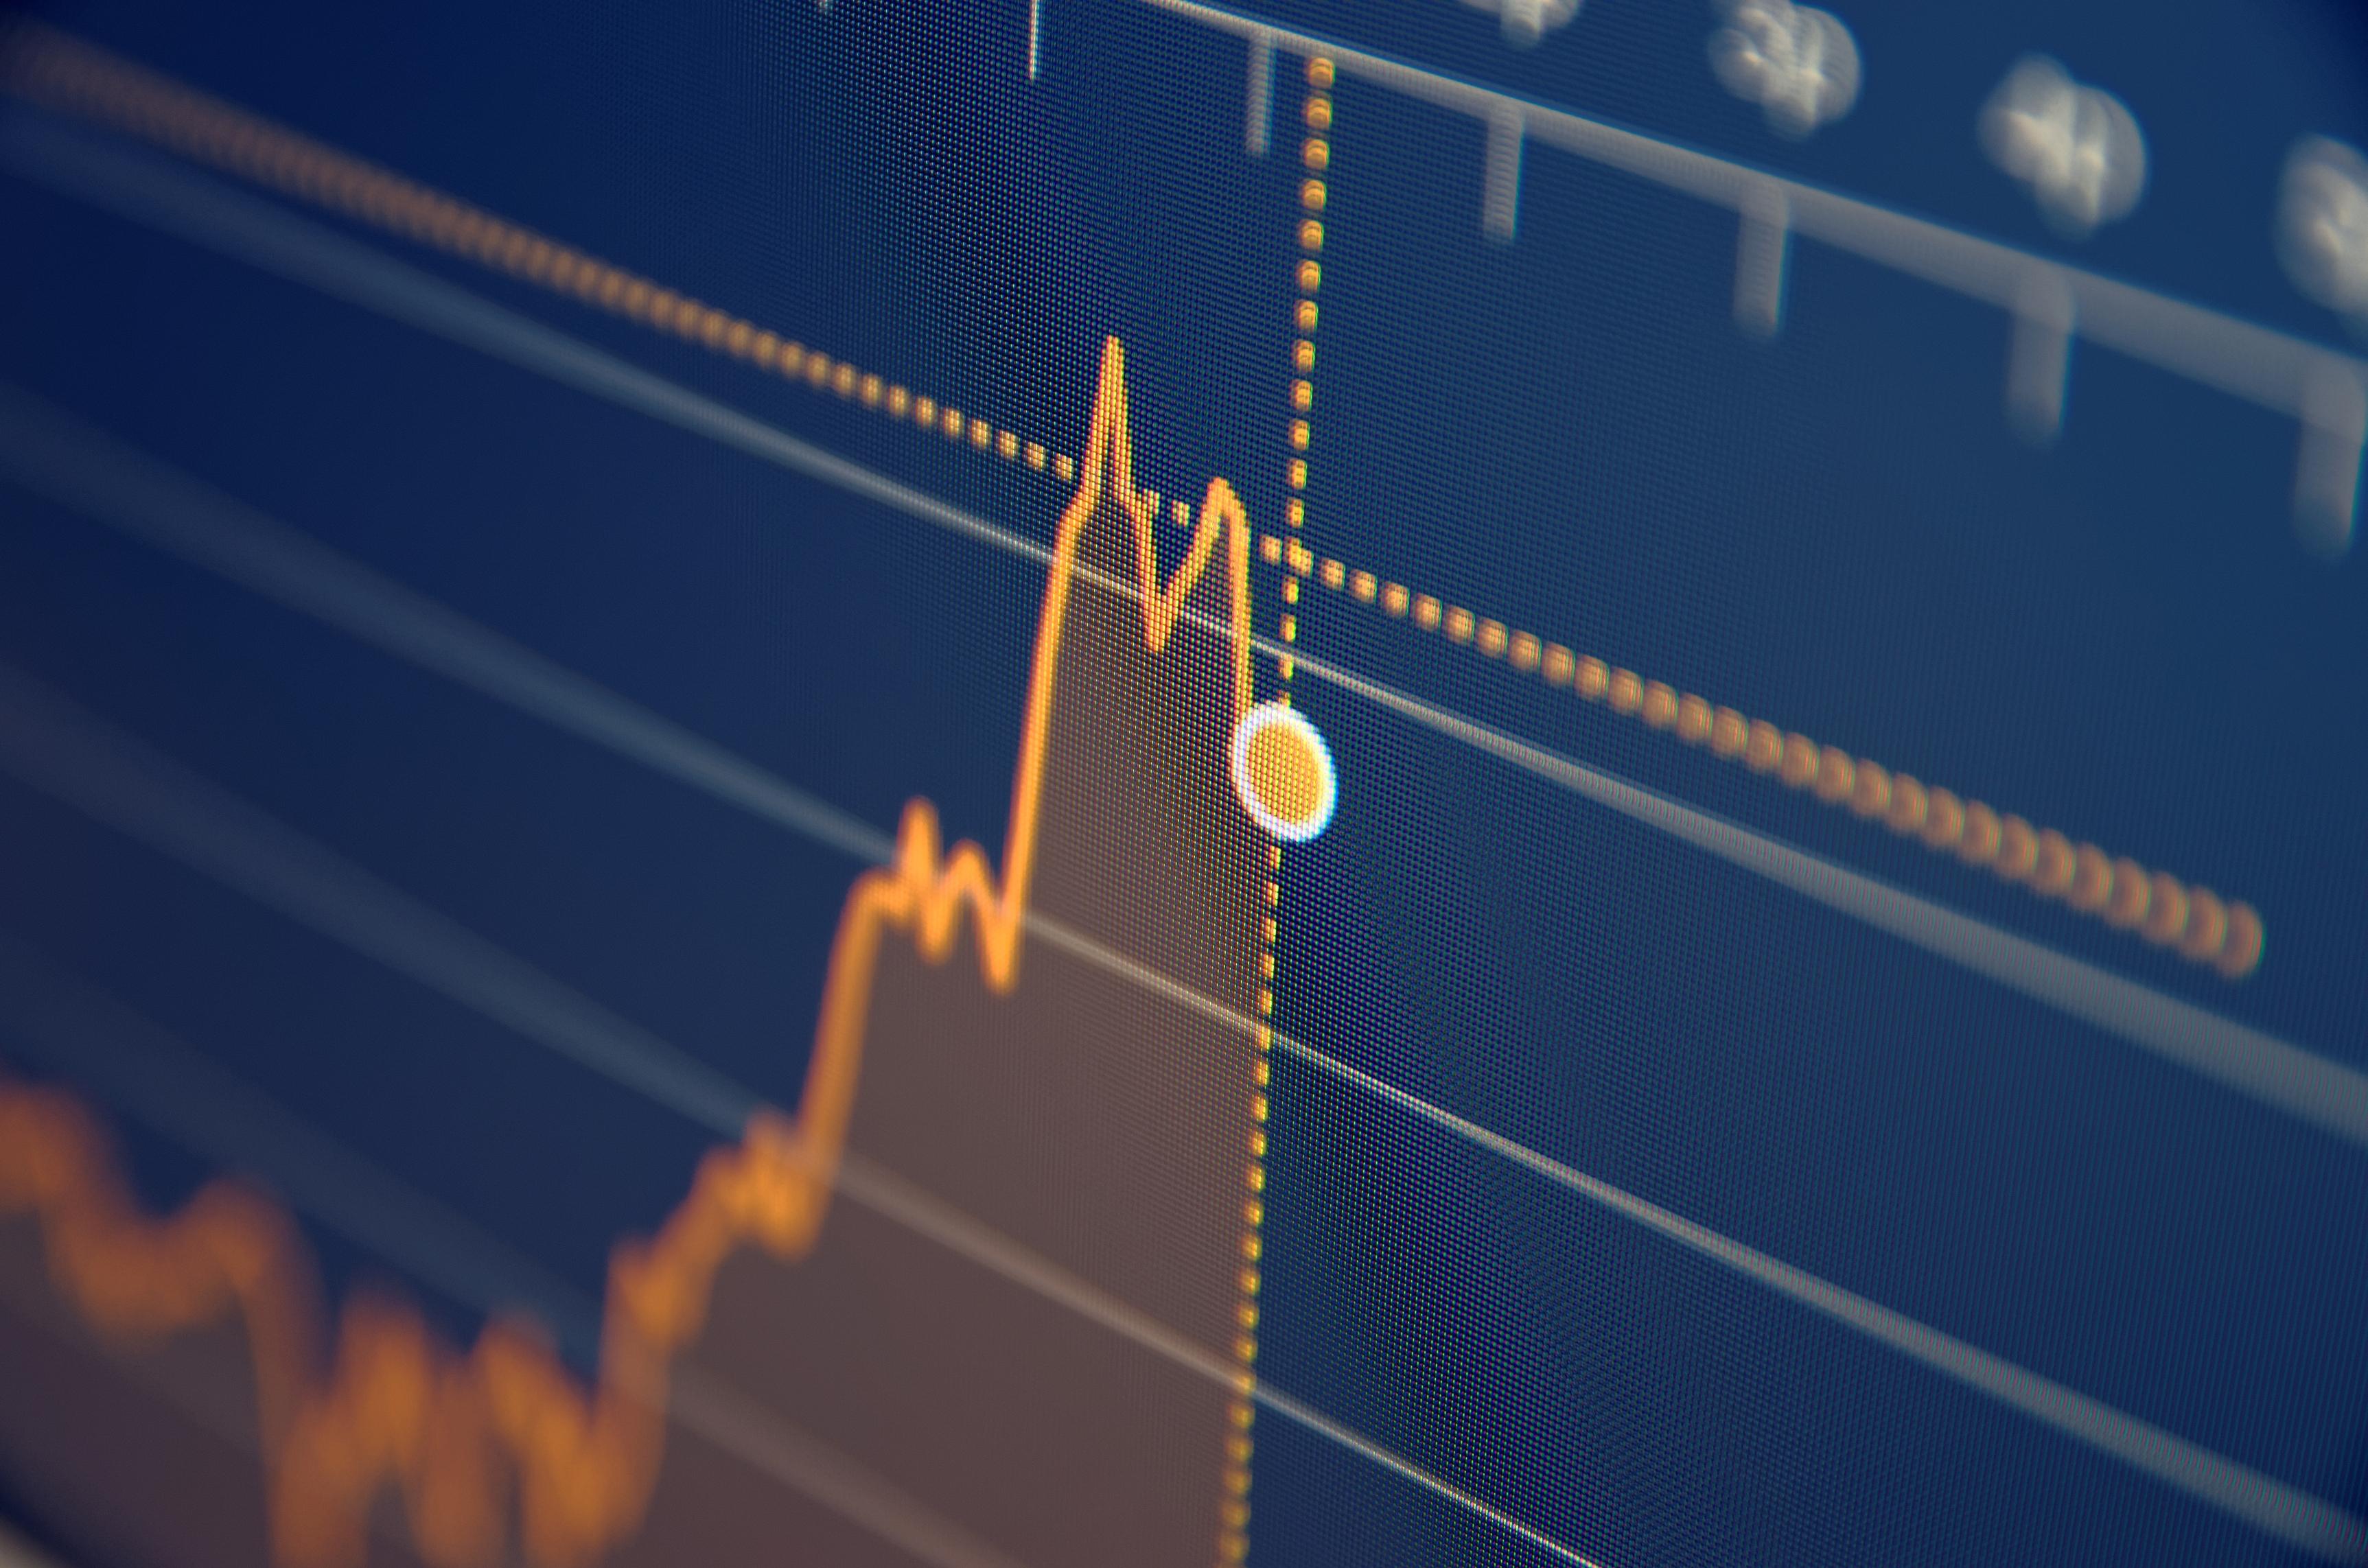 Rising orange stock chart on blue background